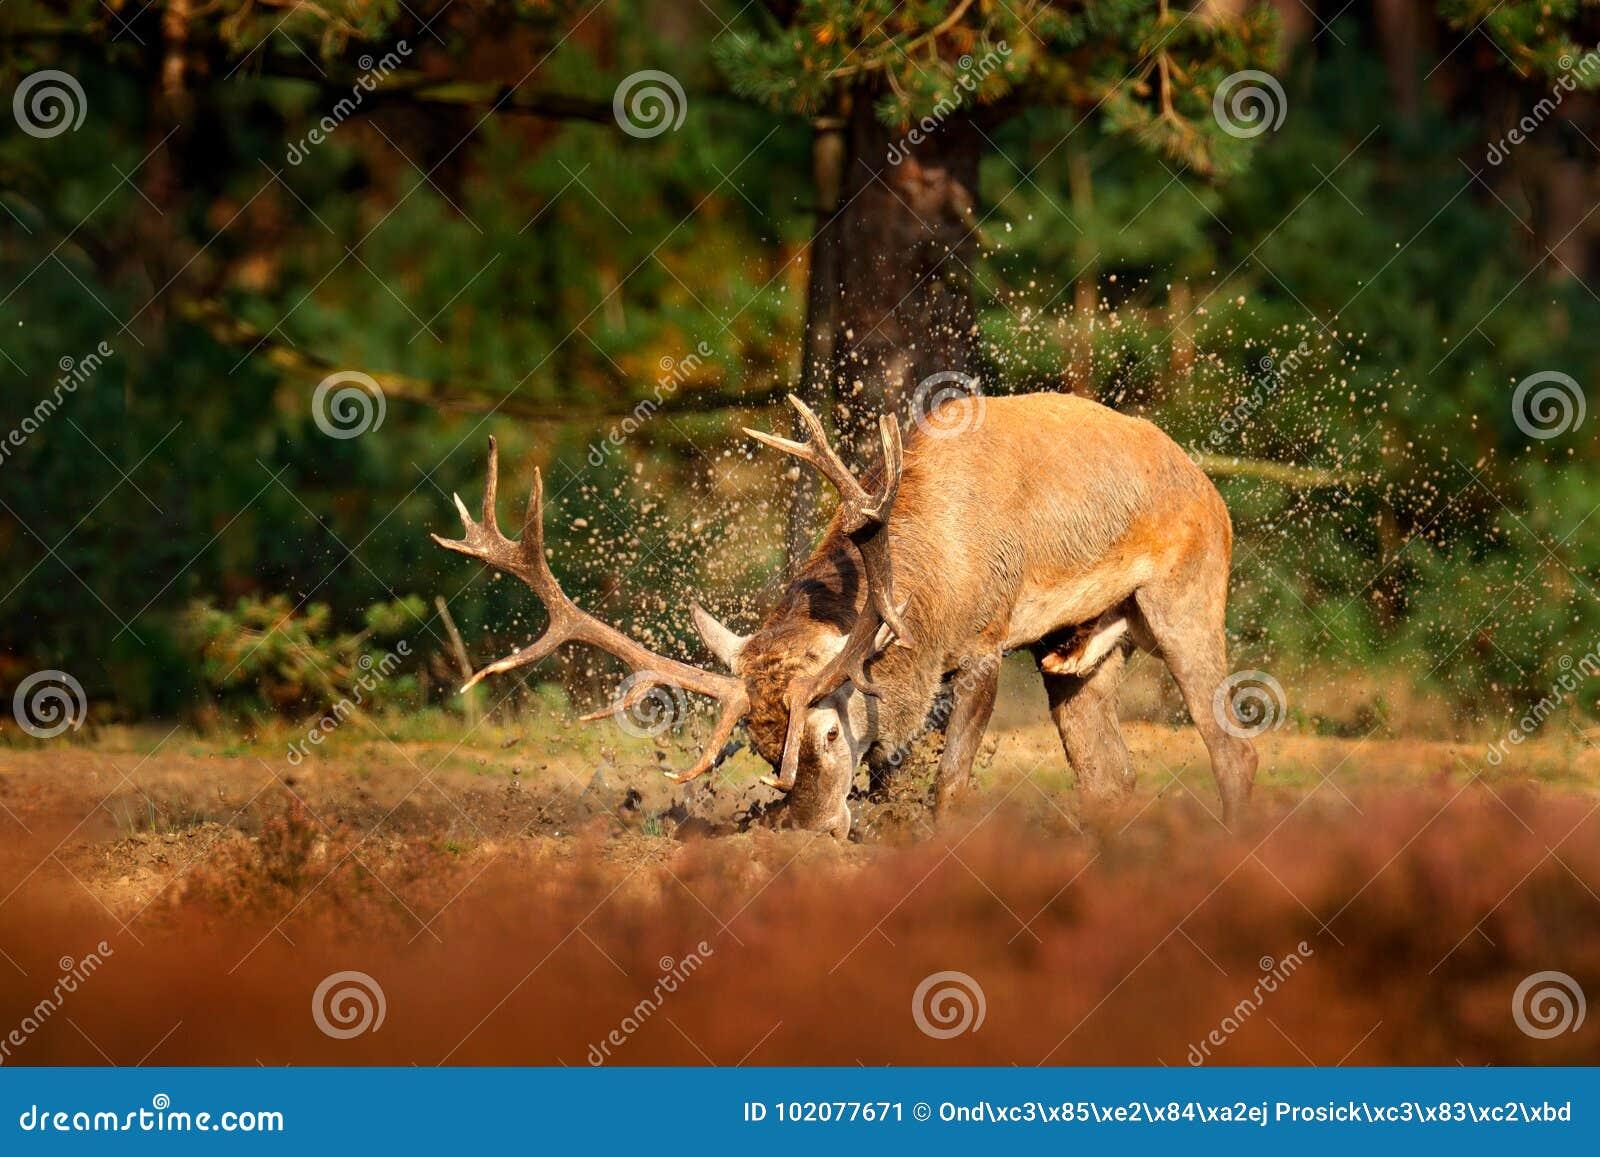 Красные олени, прокладывать сезон, вода глины грязи - ванна Рогач оленей, ревет величественное мощное взрослое животное вне древе